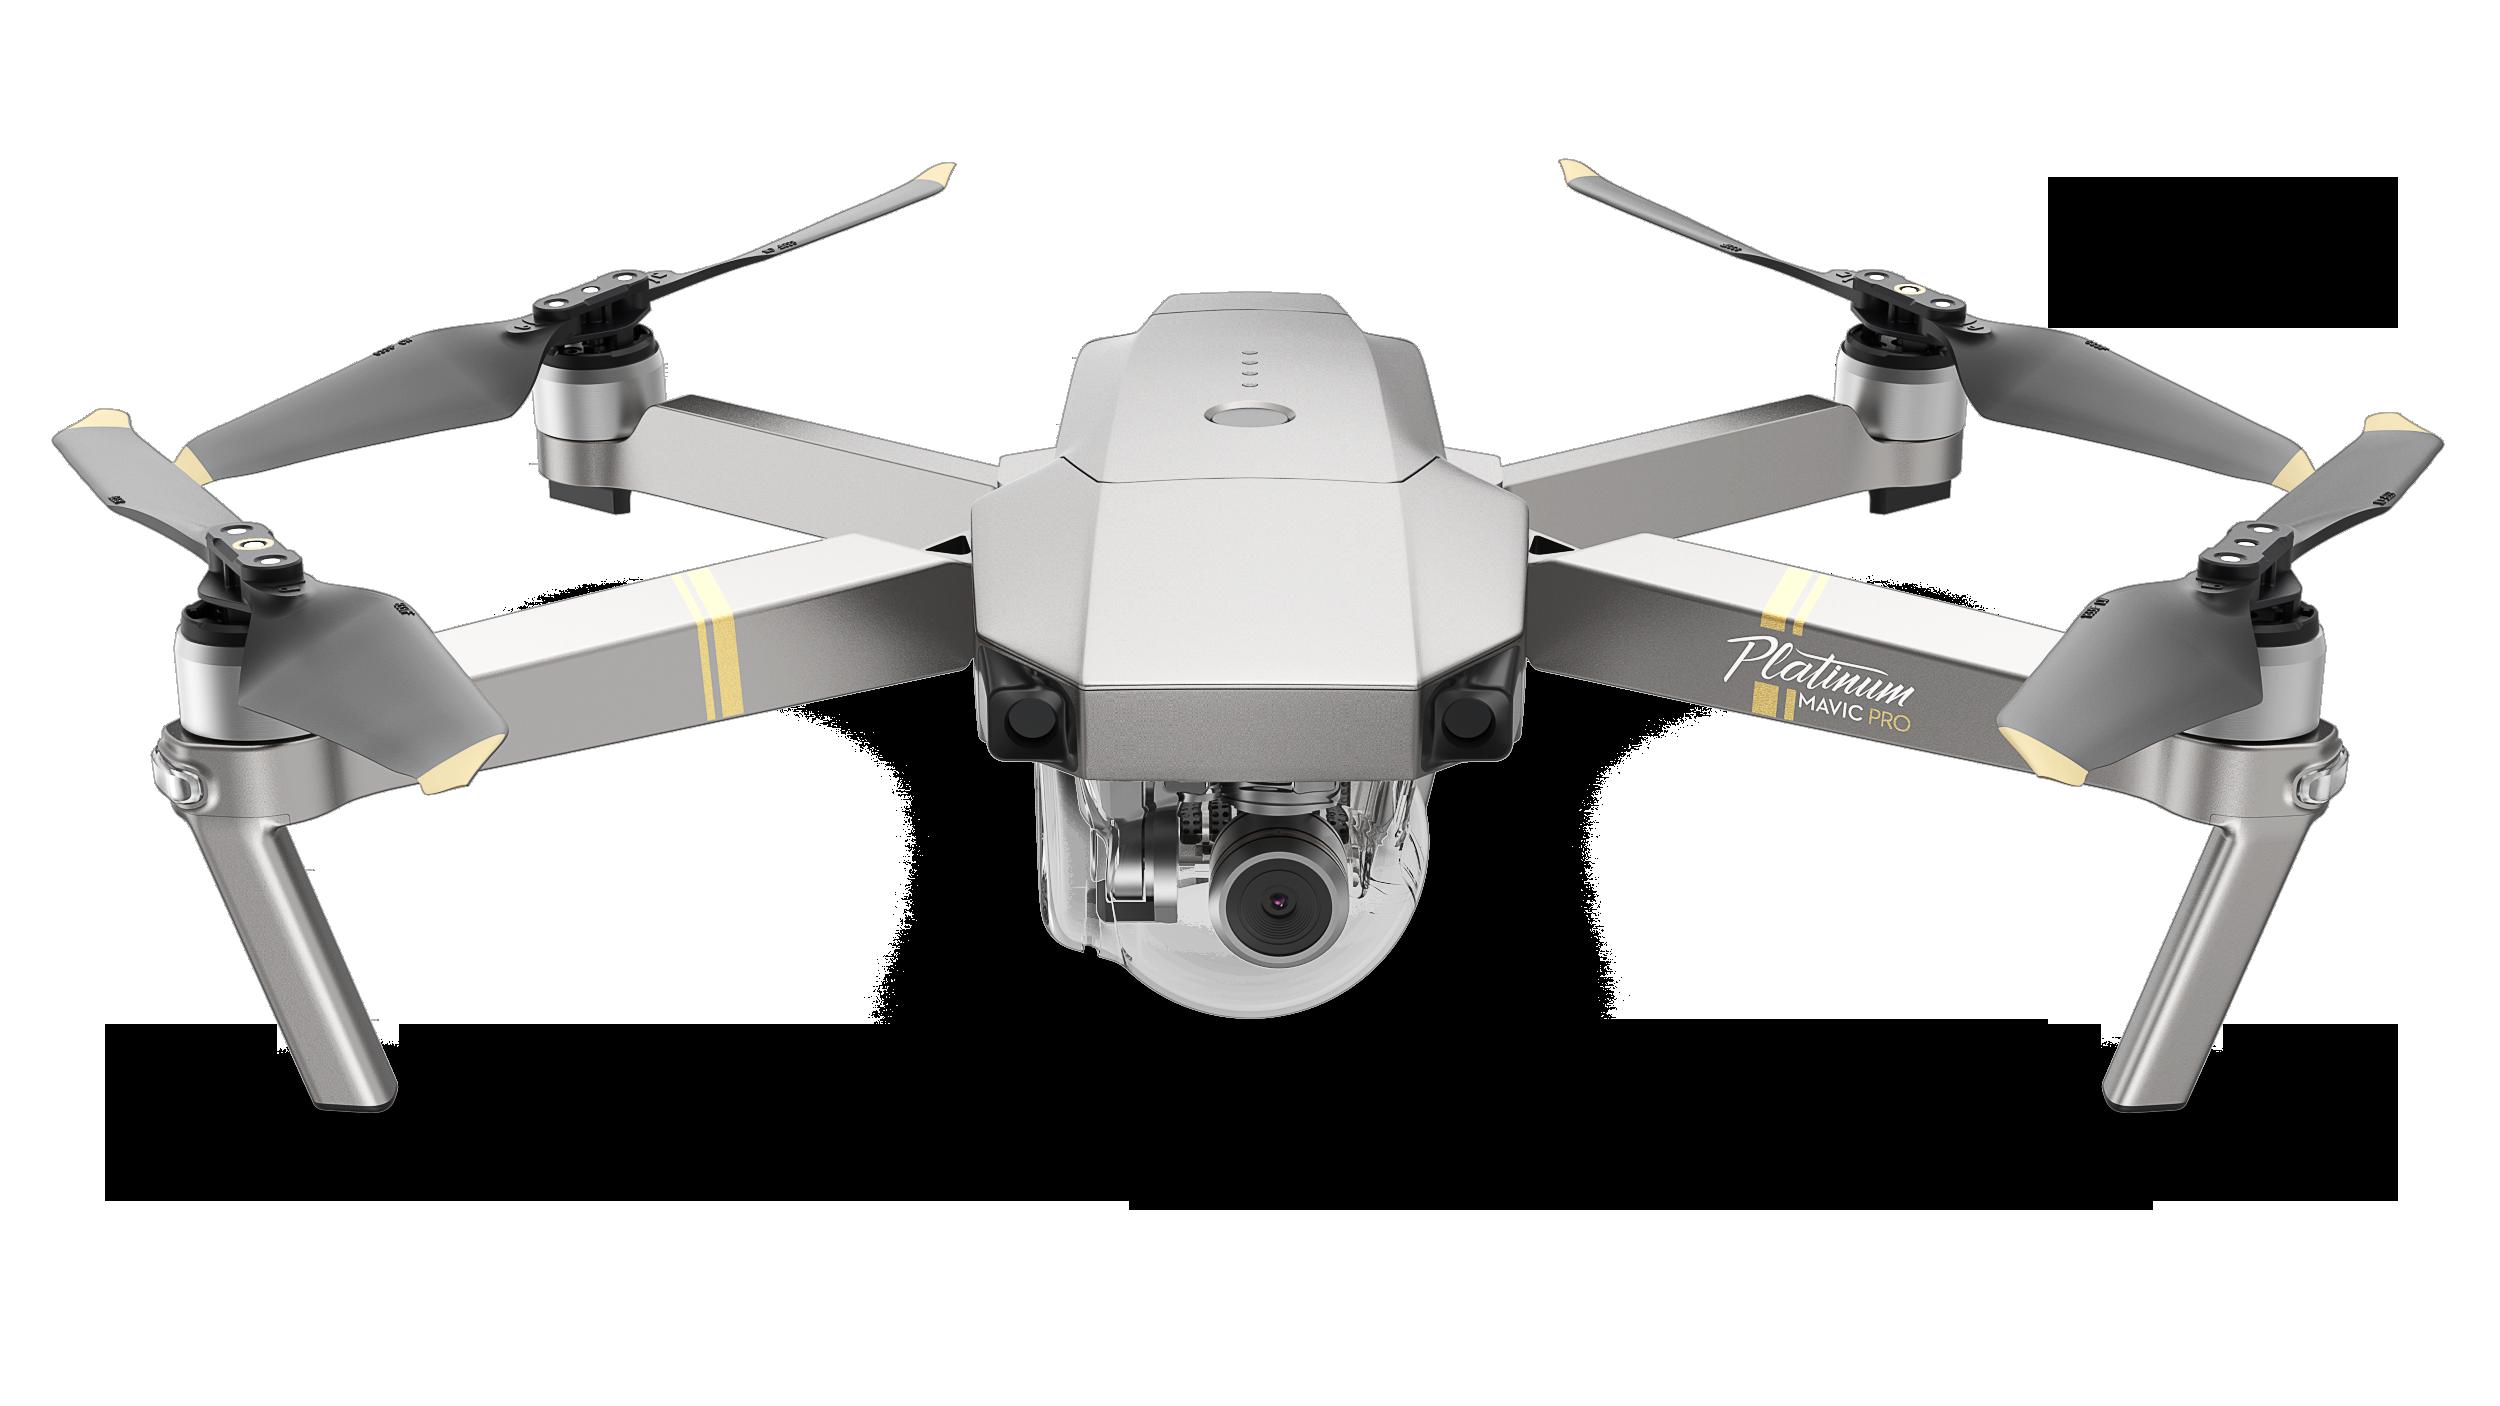 Einer der bekanntesten Drohnenhersteller ist die chinesische Firma DJI, im Bild die Mavic Pro Platinum mit einem 1/2,3-Zoll-Sensor und 12,35 Megapixel Auflösung; das DJI-Consumer-Flaggschiff für Luftbildfotografie ist die Mavic 2 mit einer 20 Megapixelkamera und einem 1-Zoll-Sensor.